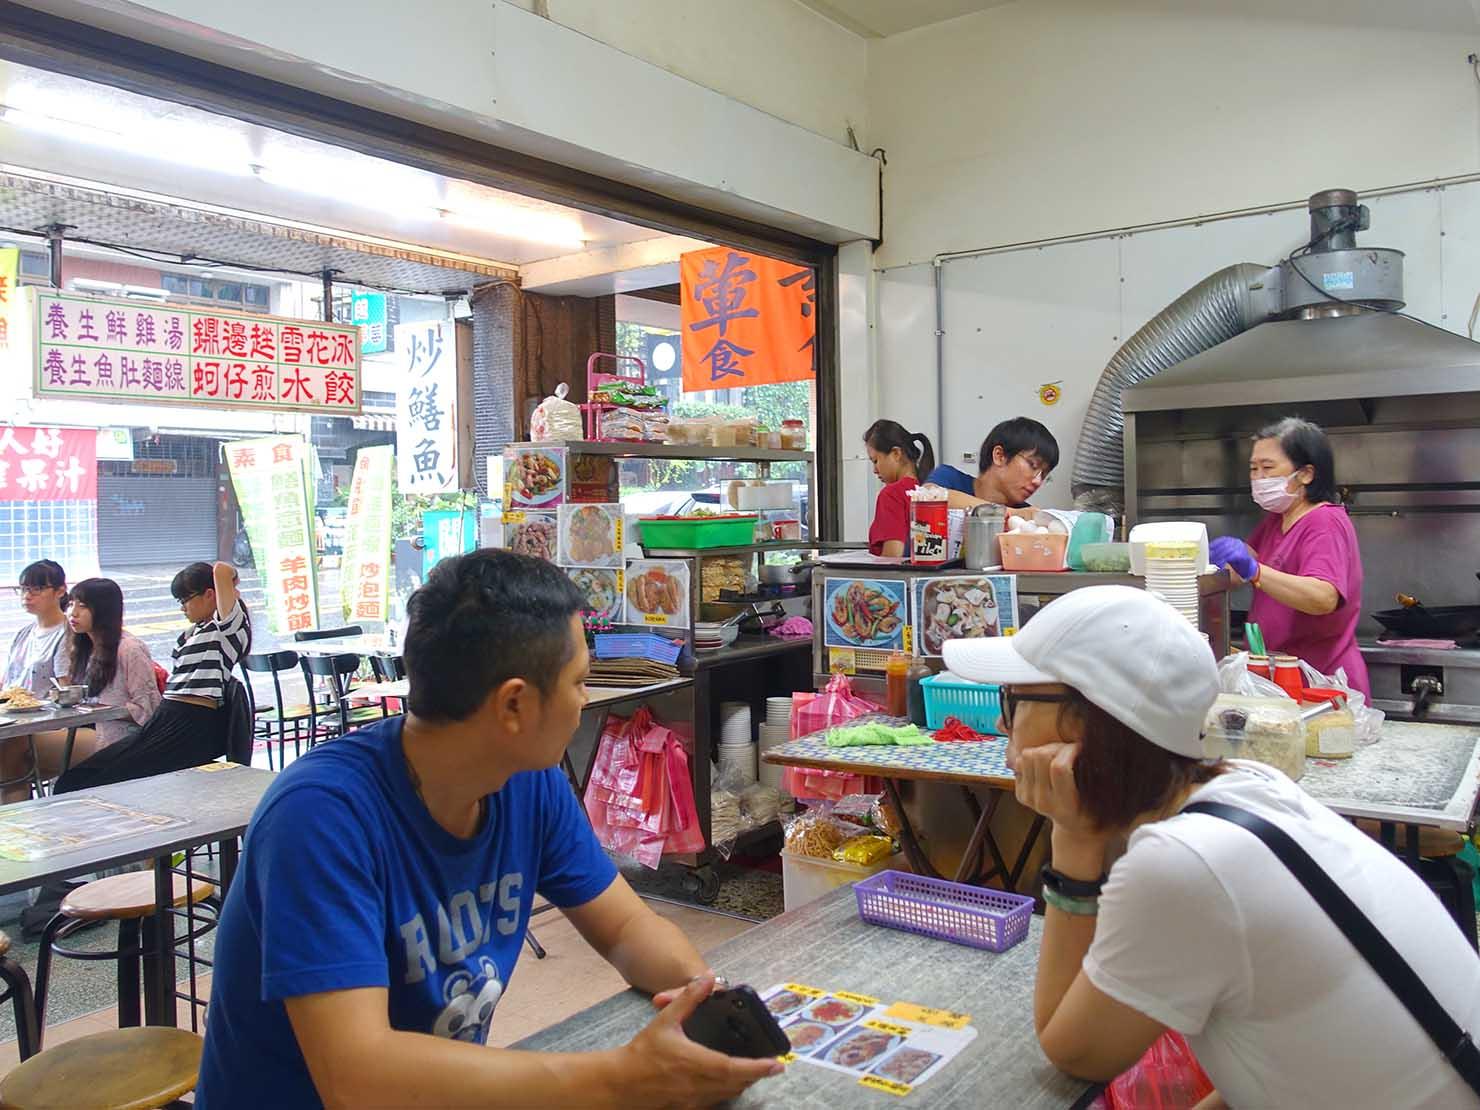 台南・赤崁樓周辺のおすすめグルメ店「過客亭蛋包飯專賣店」の店内